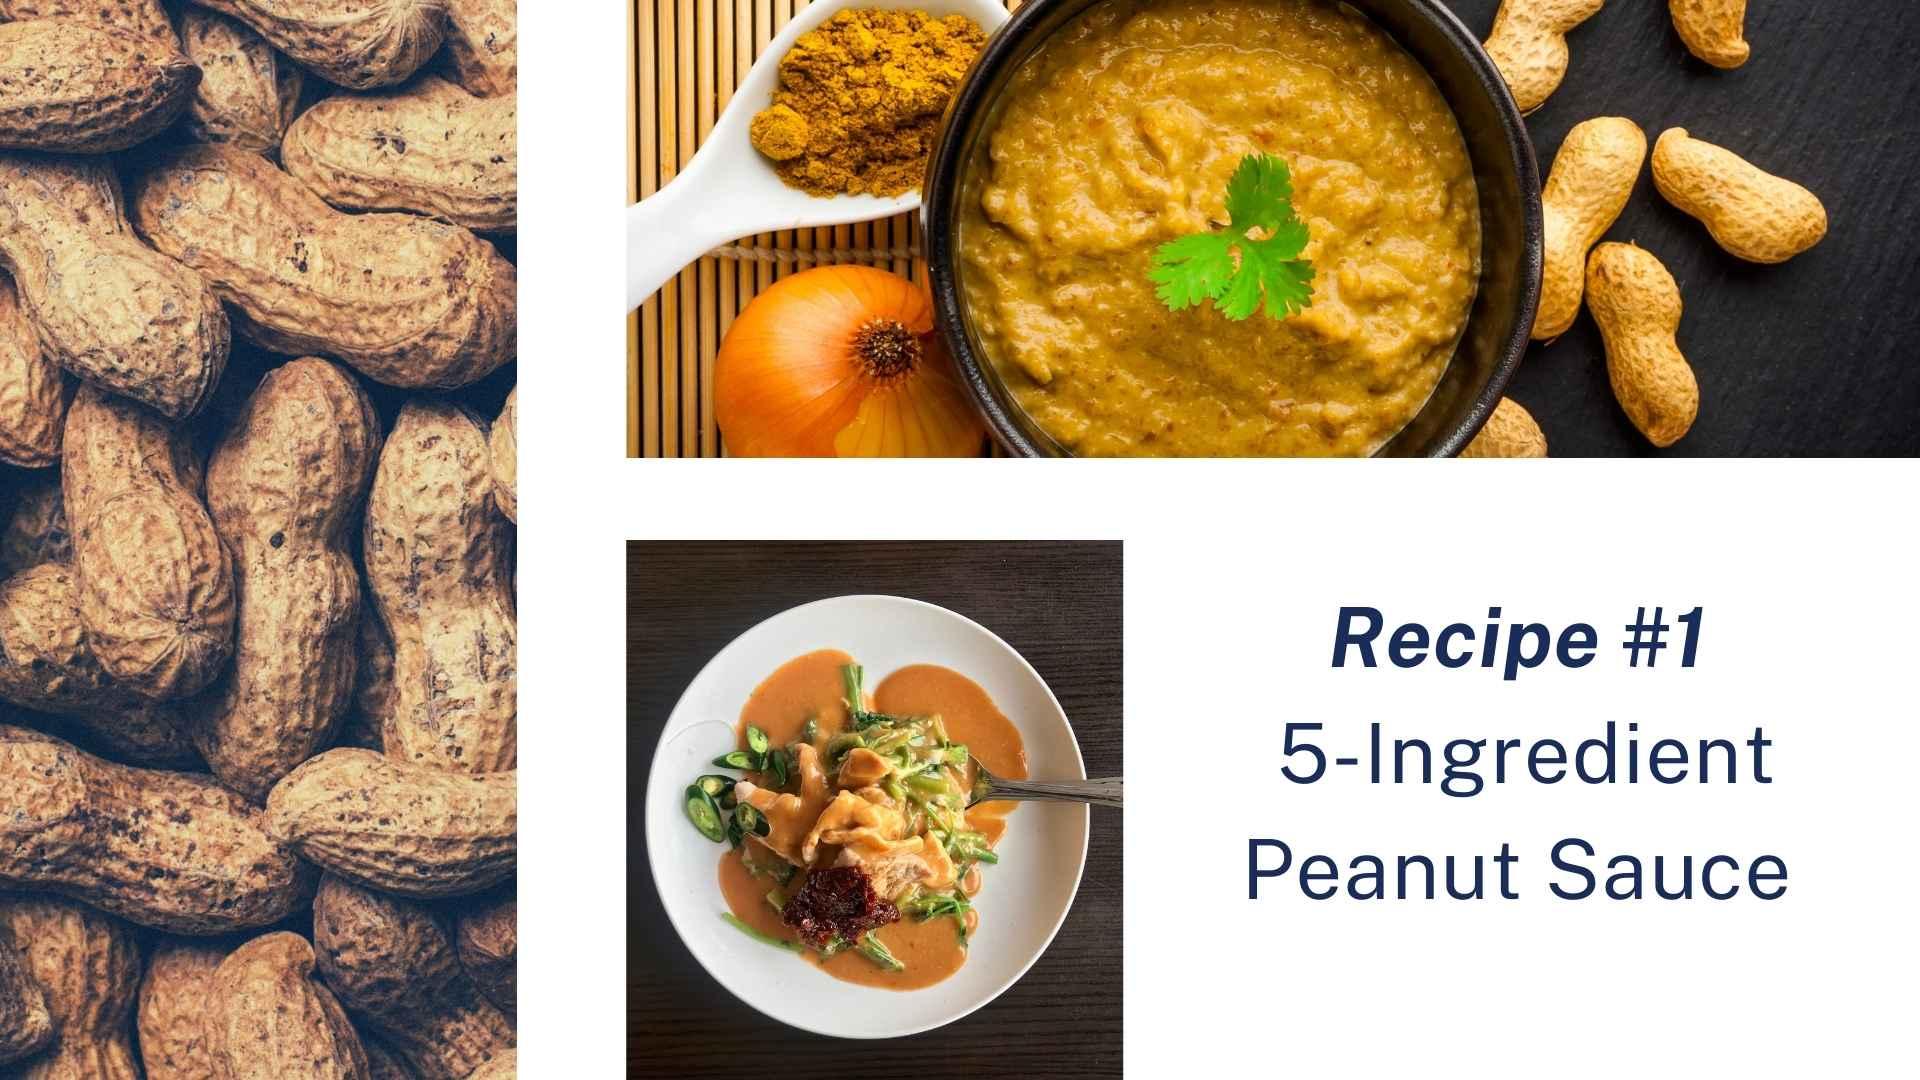 peanut sauce recipe